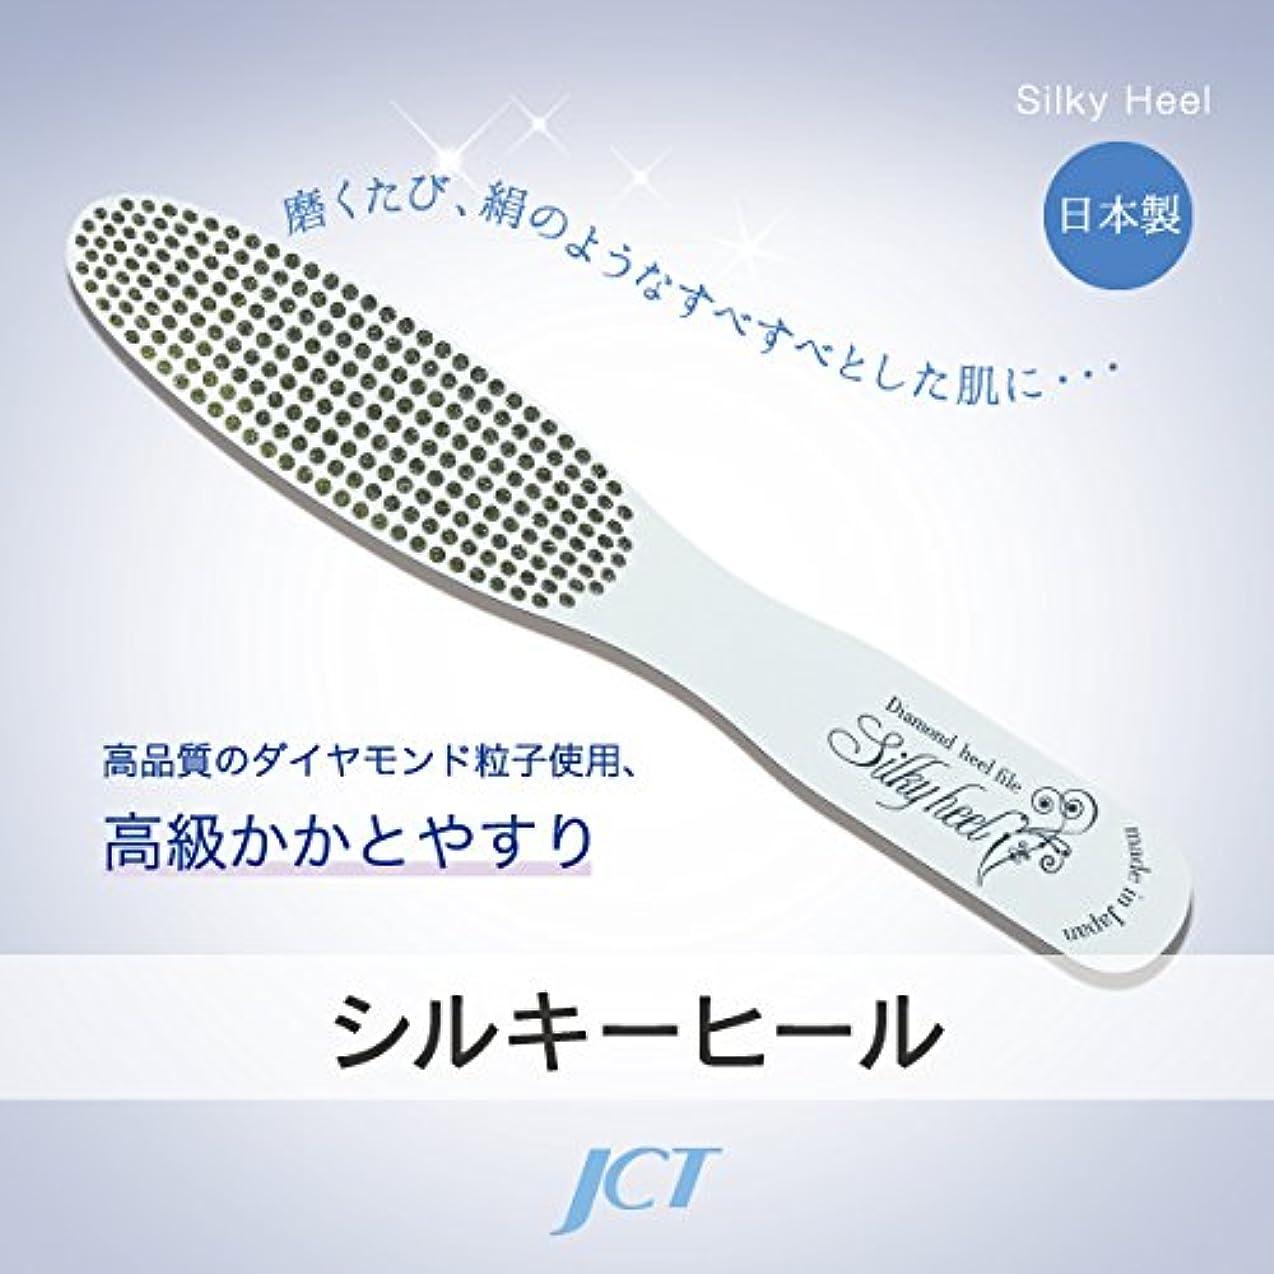 キャラバングラマー富豪JCT メディカル フットケア シルキーヒール(ホワイト) 滅菌可 日本製 1年間保証付